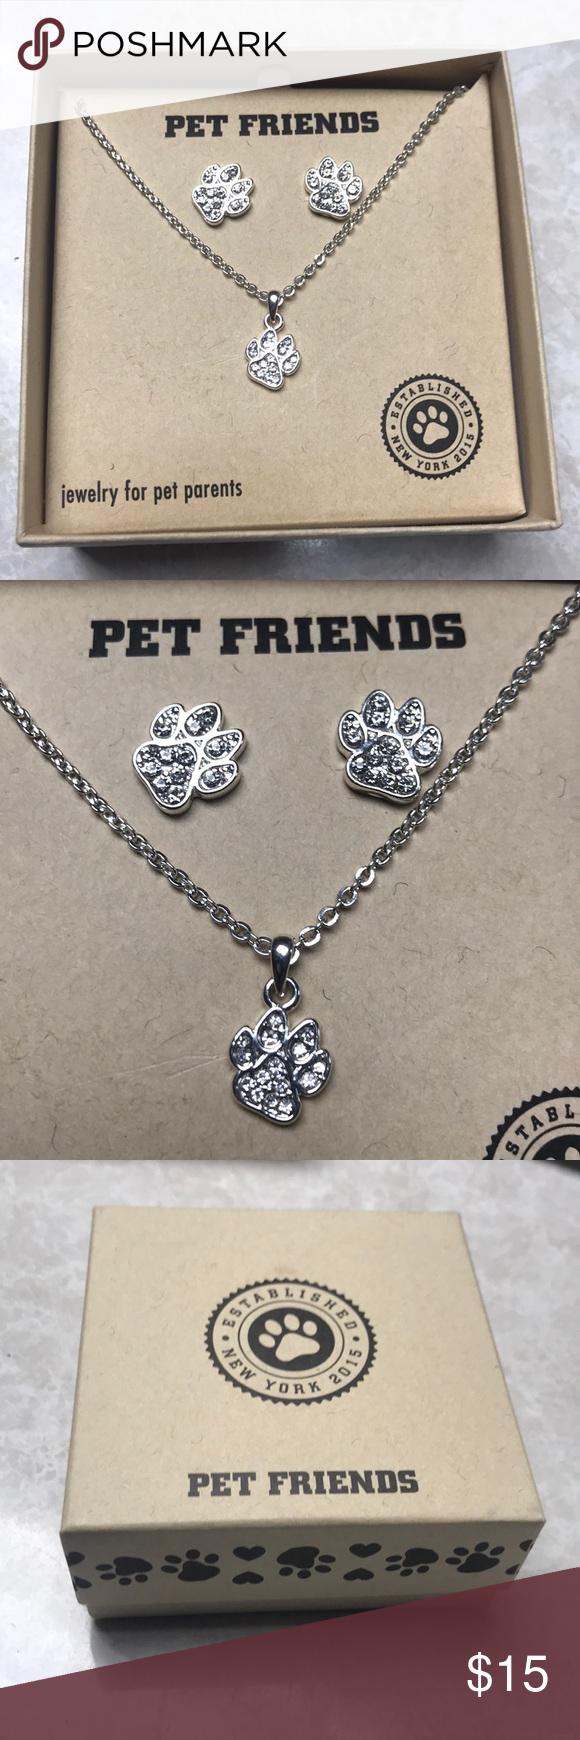 38+ Pet friends jewelry for pet parents info